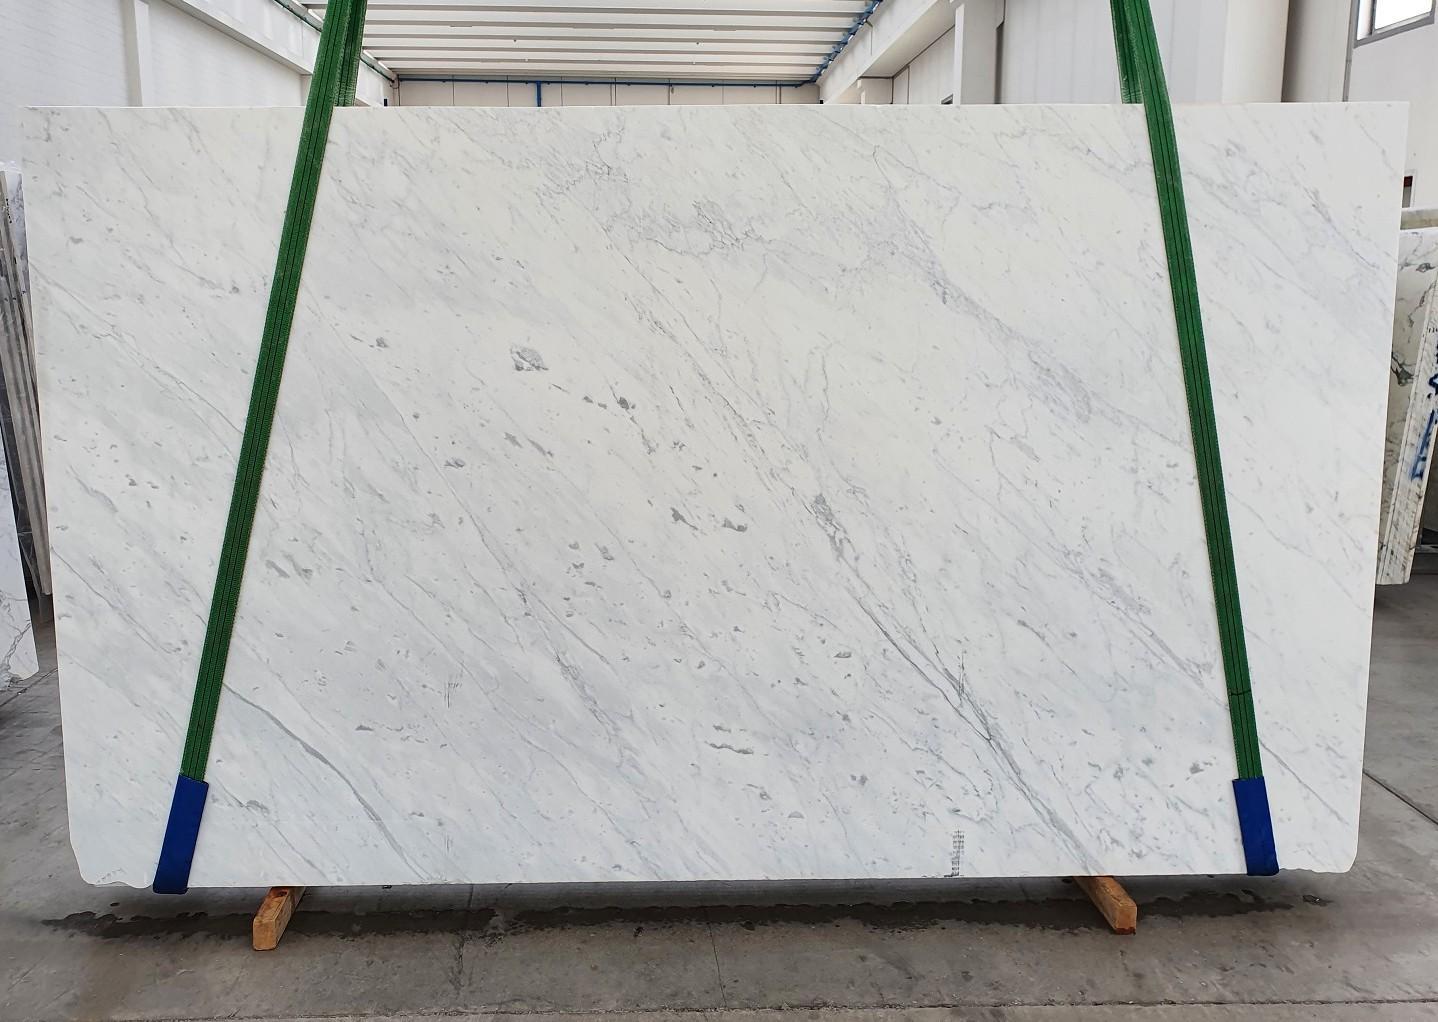 BIANCO CARRARA C Fourniture Veneto (Italie) d' dalles brillantes en marbre naturel 1441 , Slab #07